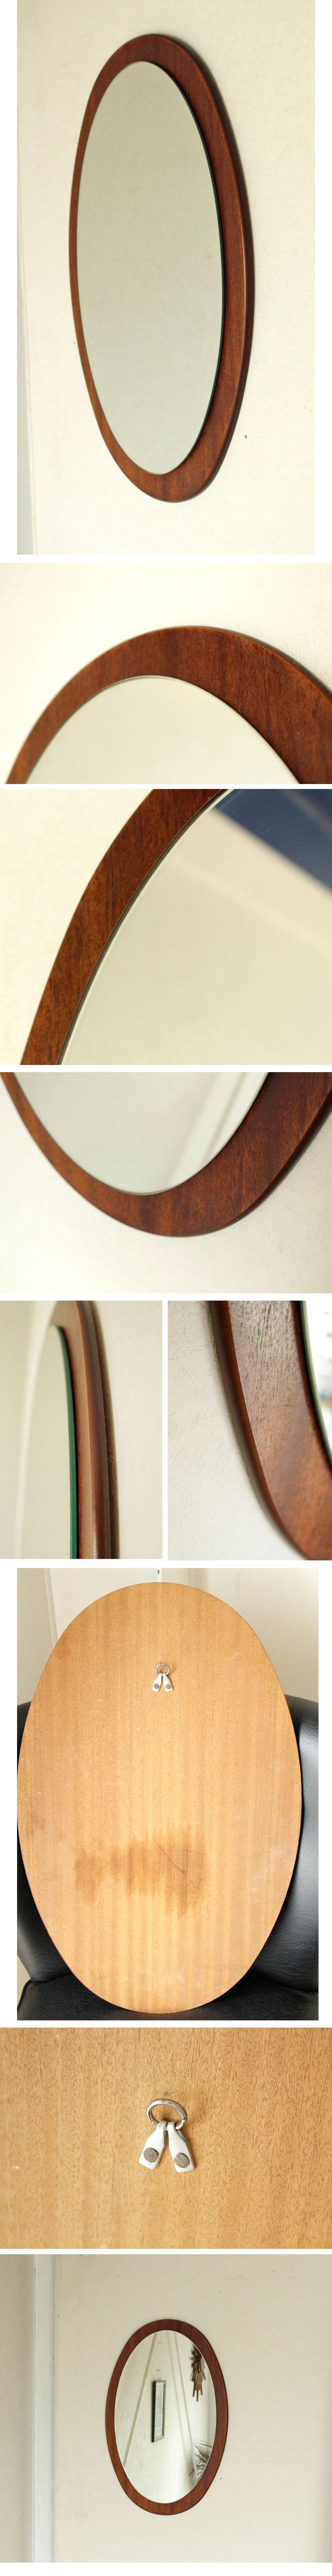 イギリス・ビンテージ・ミラー・鏡・壁掛け・チーク・北欧・アンティーク